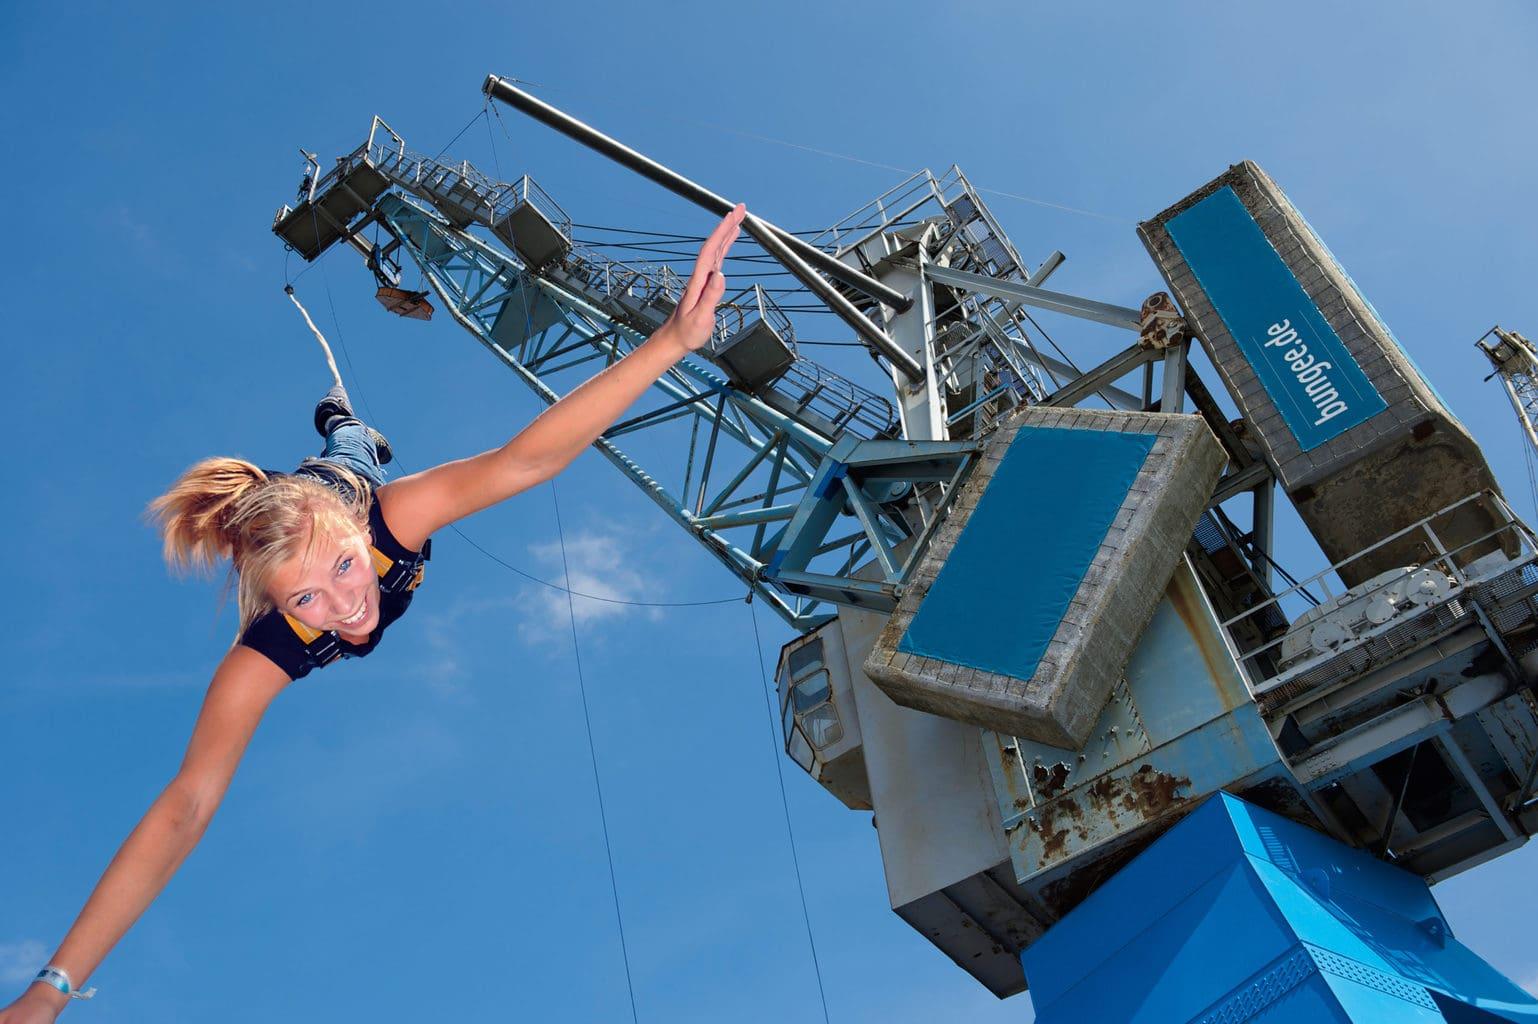 Een vrouw tijdens het bungee jumpen aan een havenkraan in Hamburg